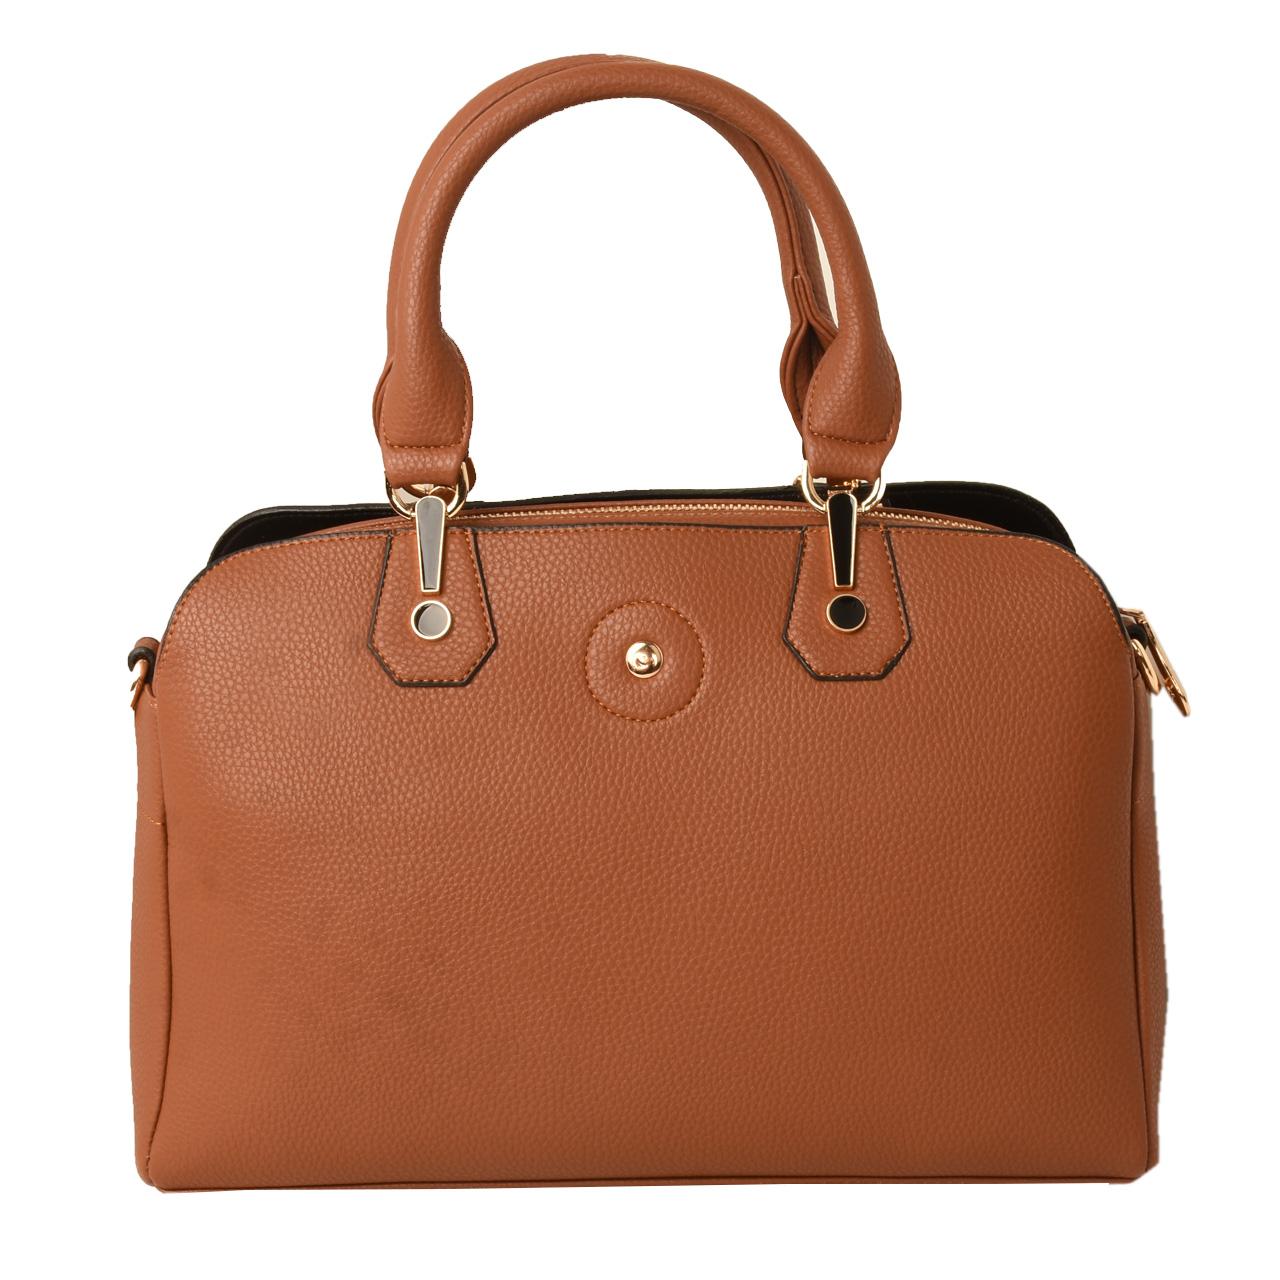 کیف دستی زنانه پارینه مدل PLV149-1-1572